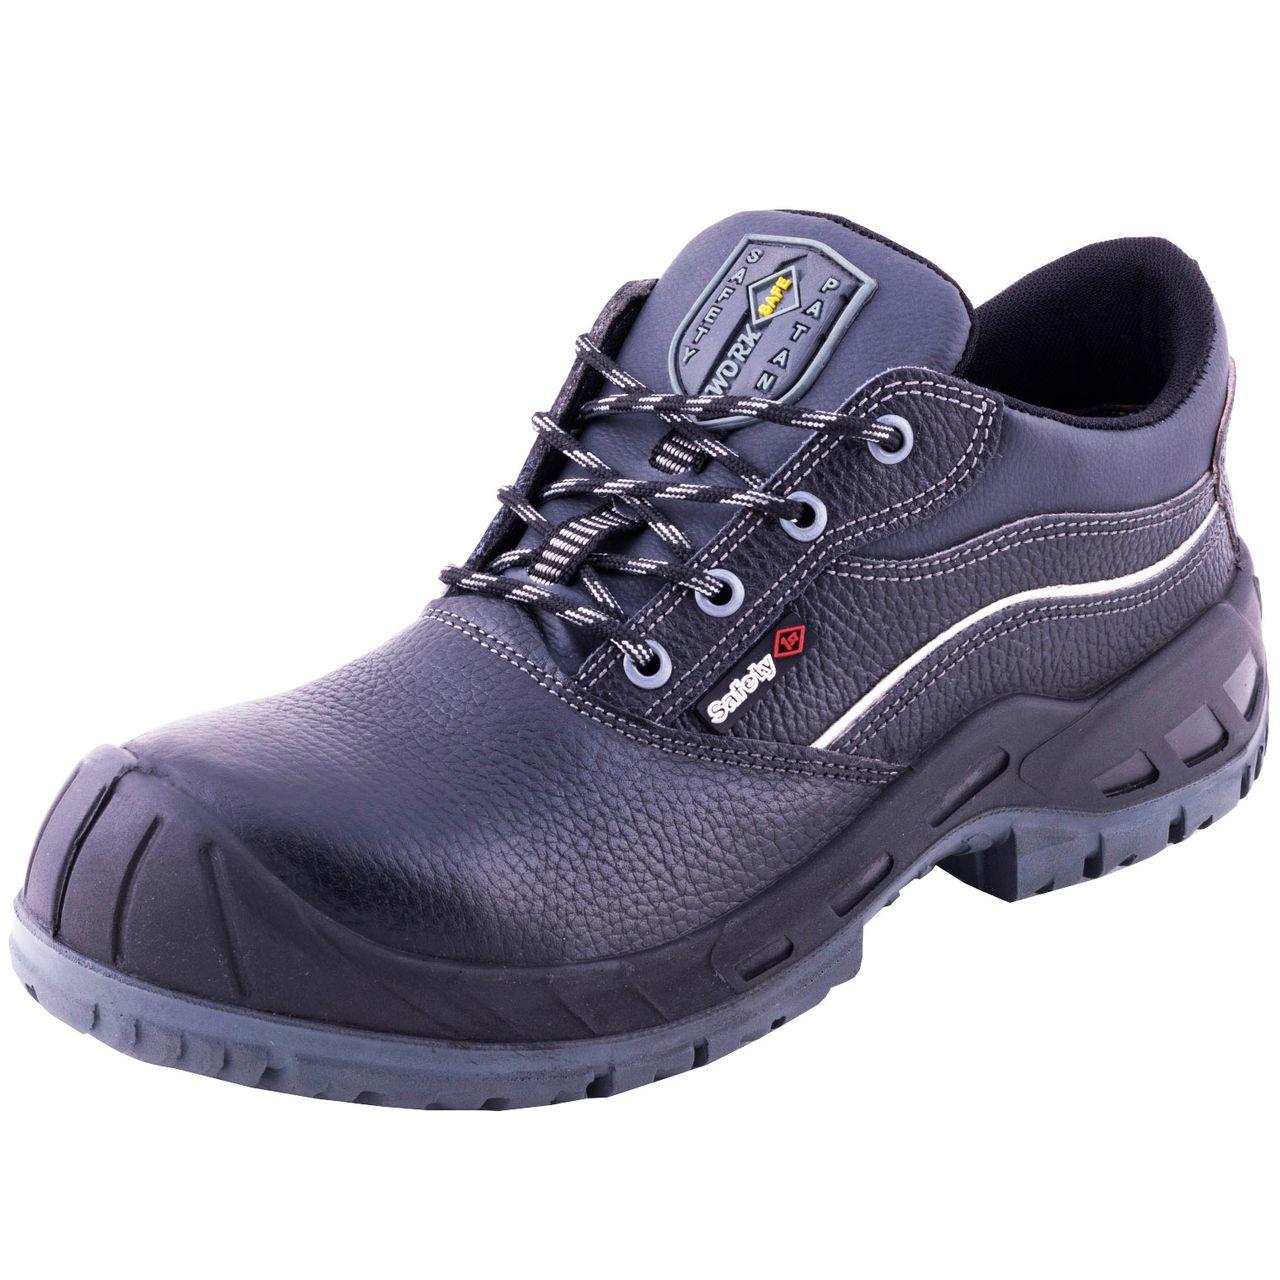 کفش ایمنی سیفتی پاتن مدل ونکوور